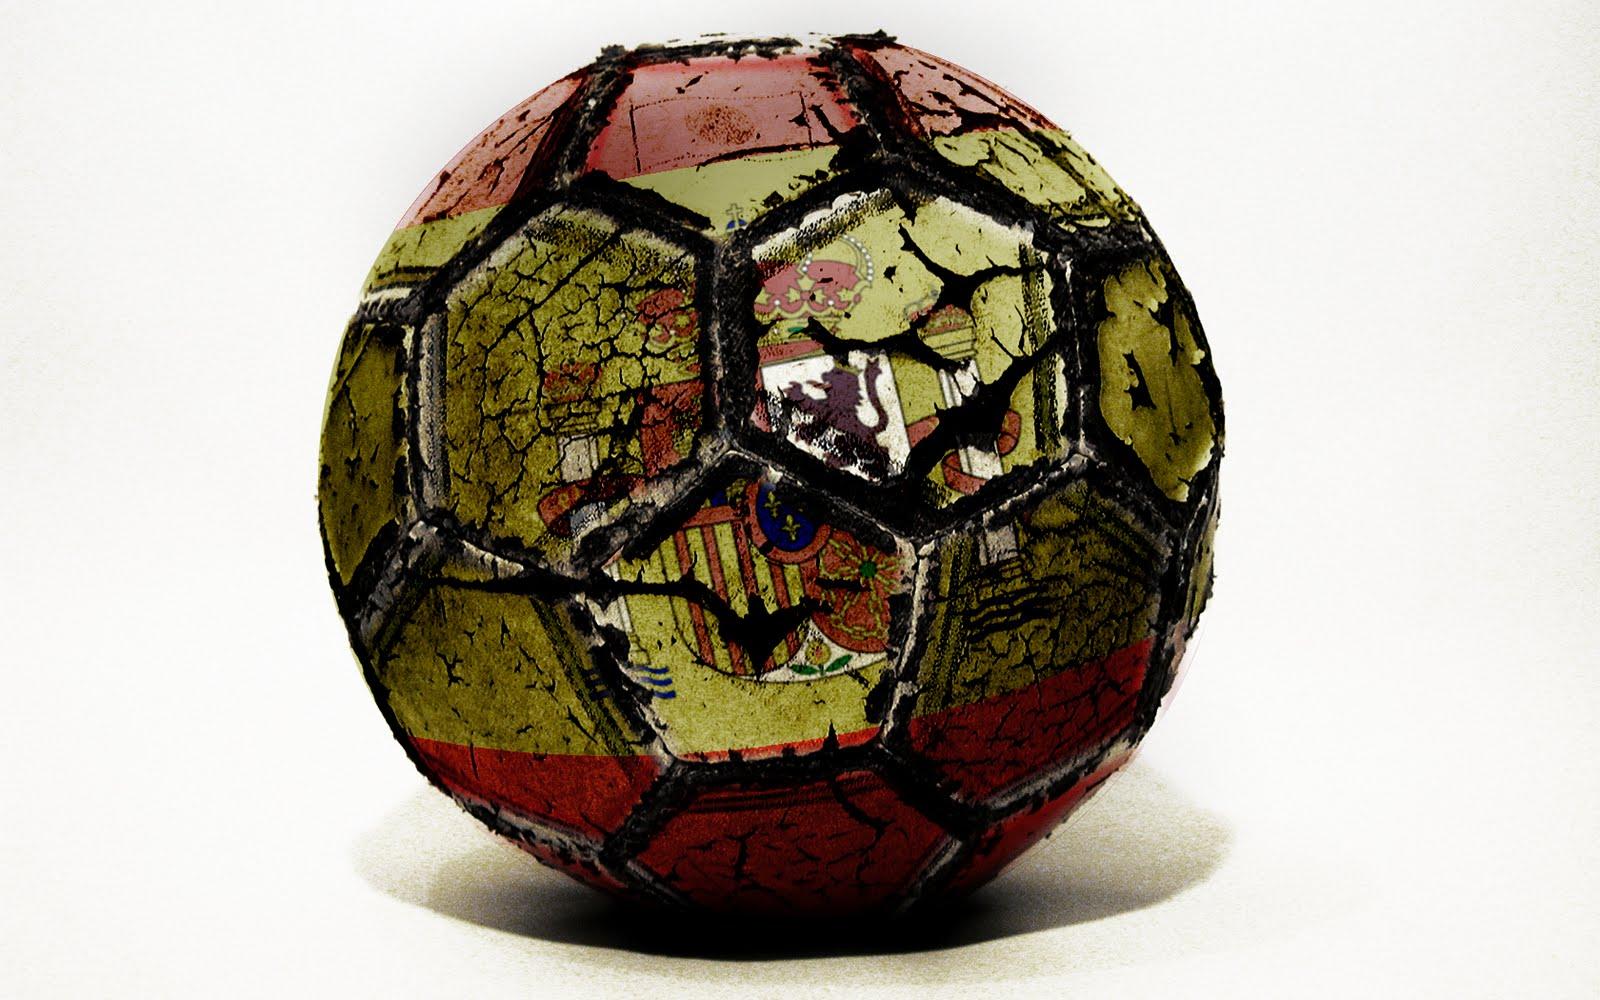 http://4.bp.blogspot.com/-jmE4c1gN6OY/Ta1Ko-vHM0I/AAAAAAAABuQ/QOoY8Of3LMw/s1600/futbol+de+meaning+football+futbol_de_espana_by_WardLarson.jpg